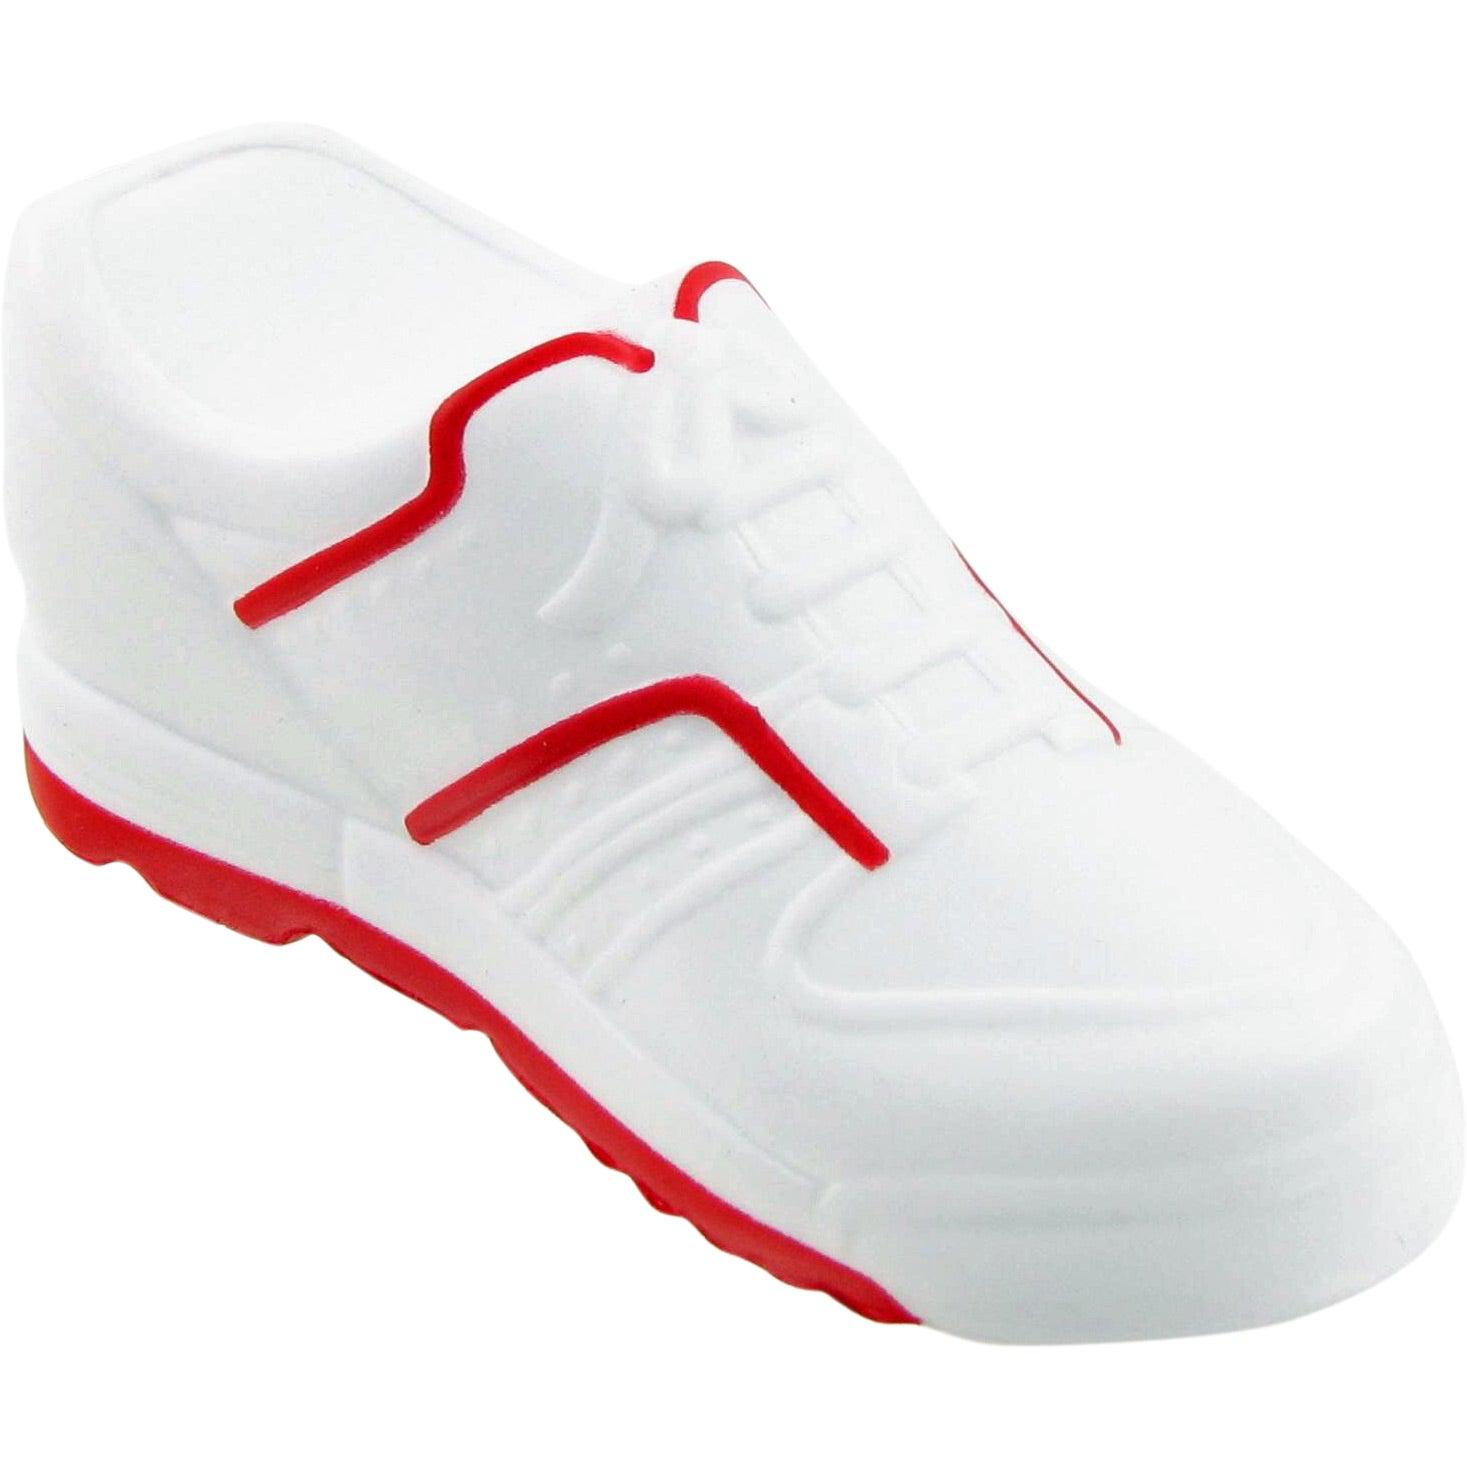 Tennis Shoe Stress Ball